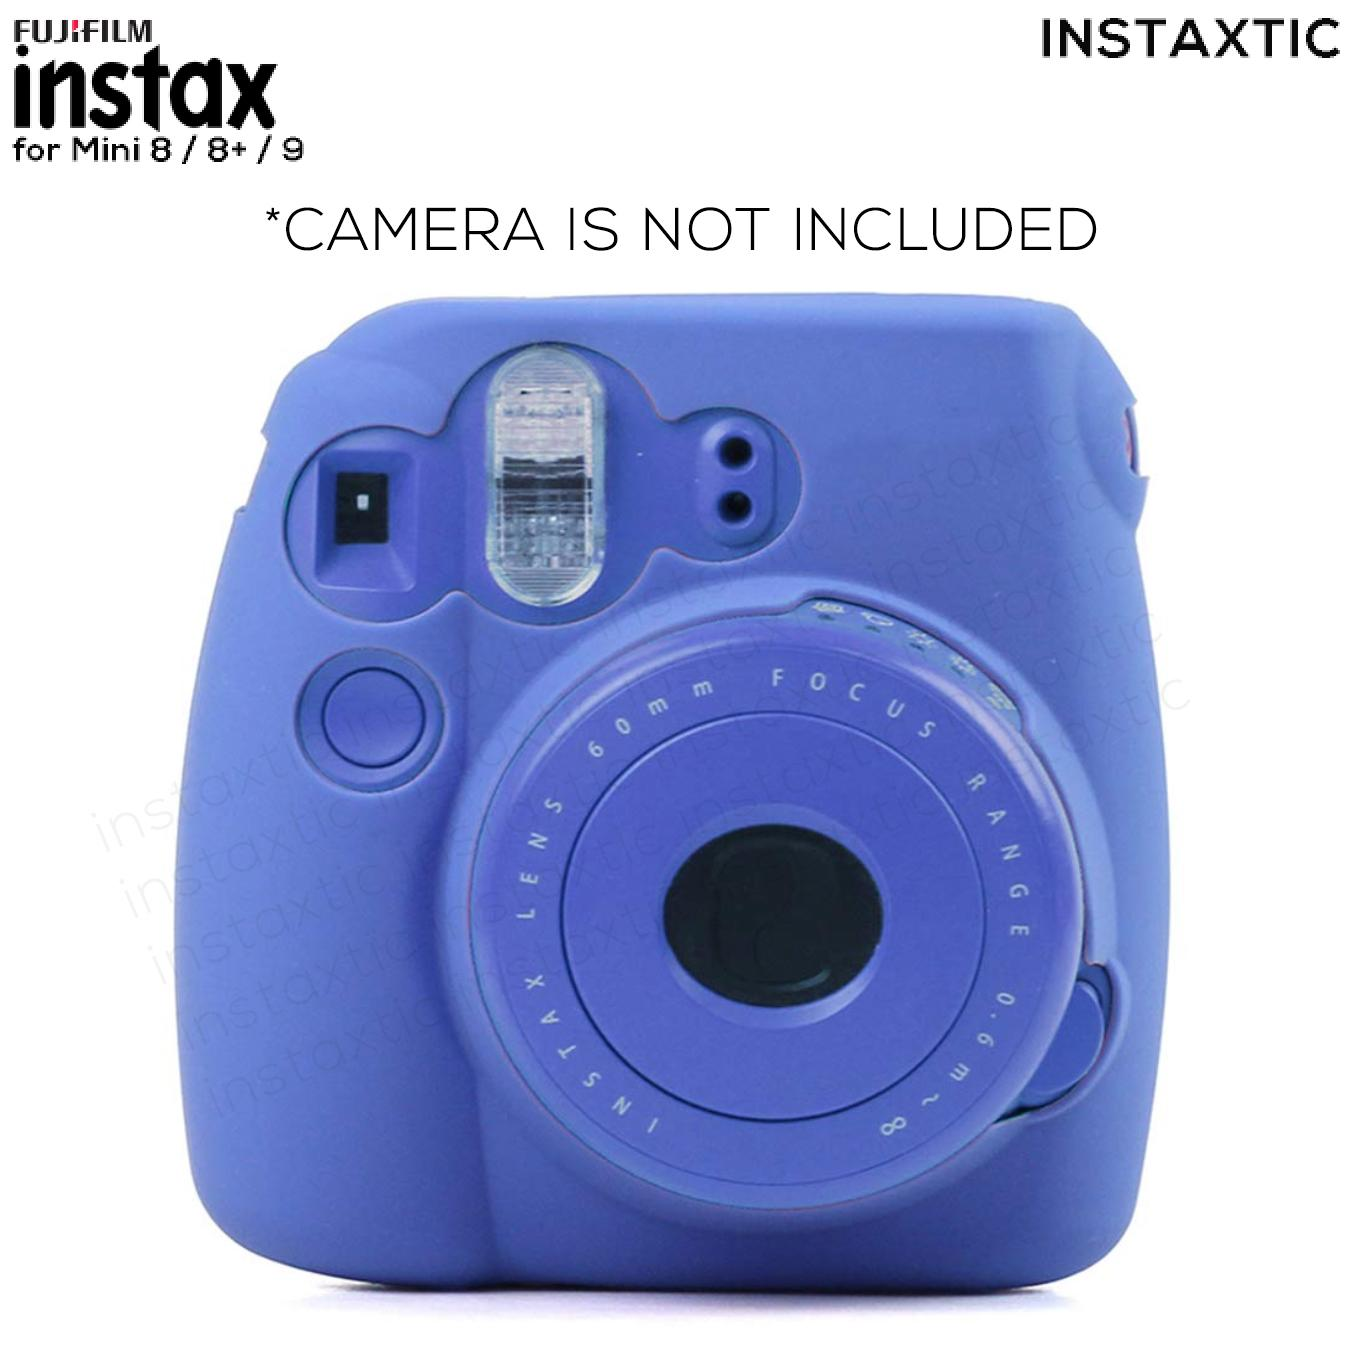 0623a931e13862 Instaxtic Silicone soft shell case for Fujifilm Instax Mini 8   8+   9